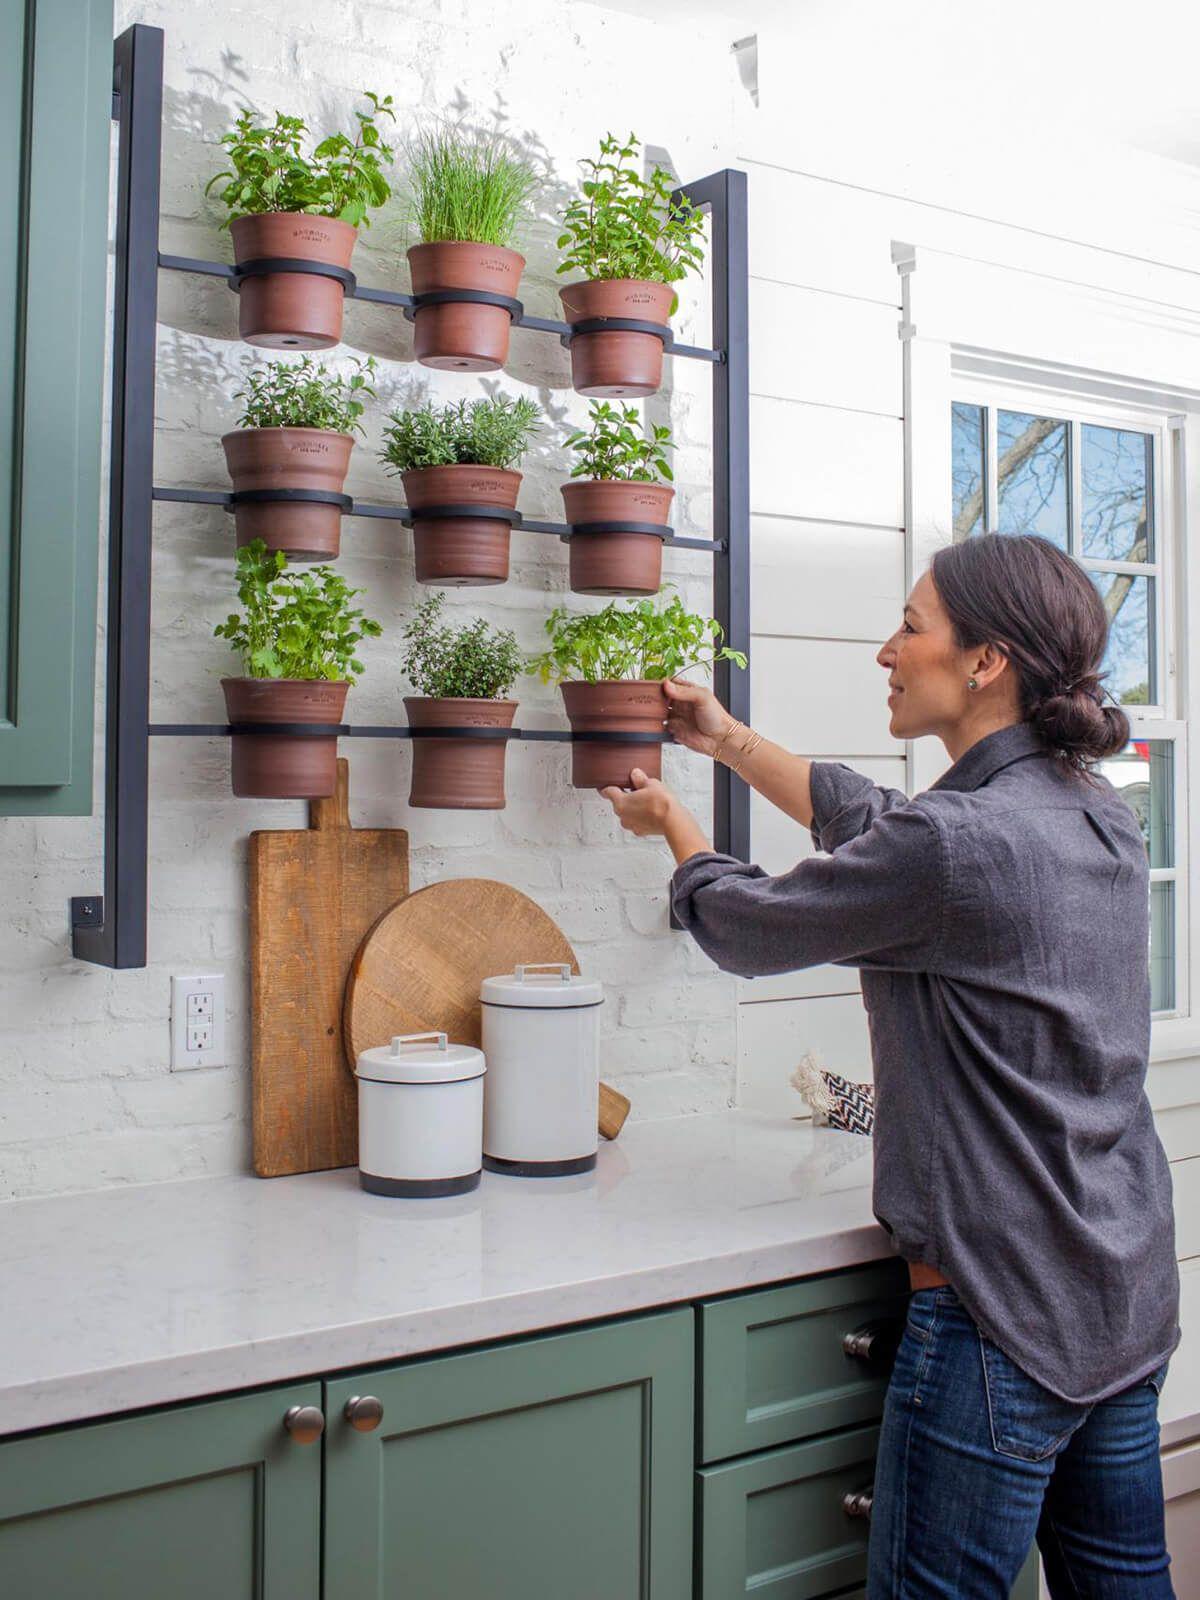 25+ Creative Herb Garden Ideen für drinnen und draußen #herbsgarden